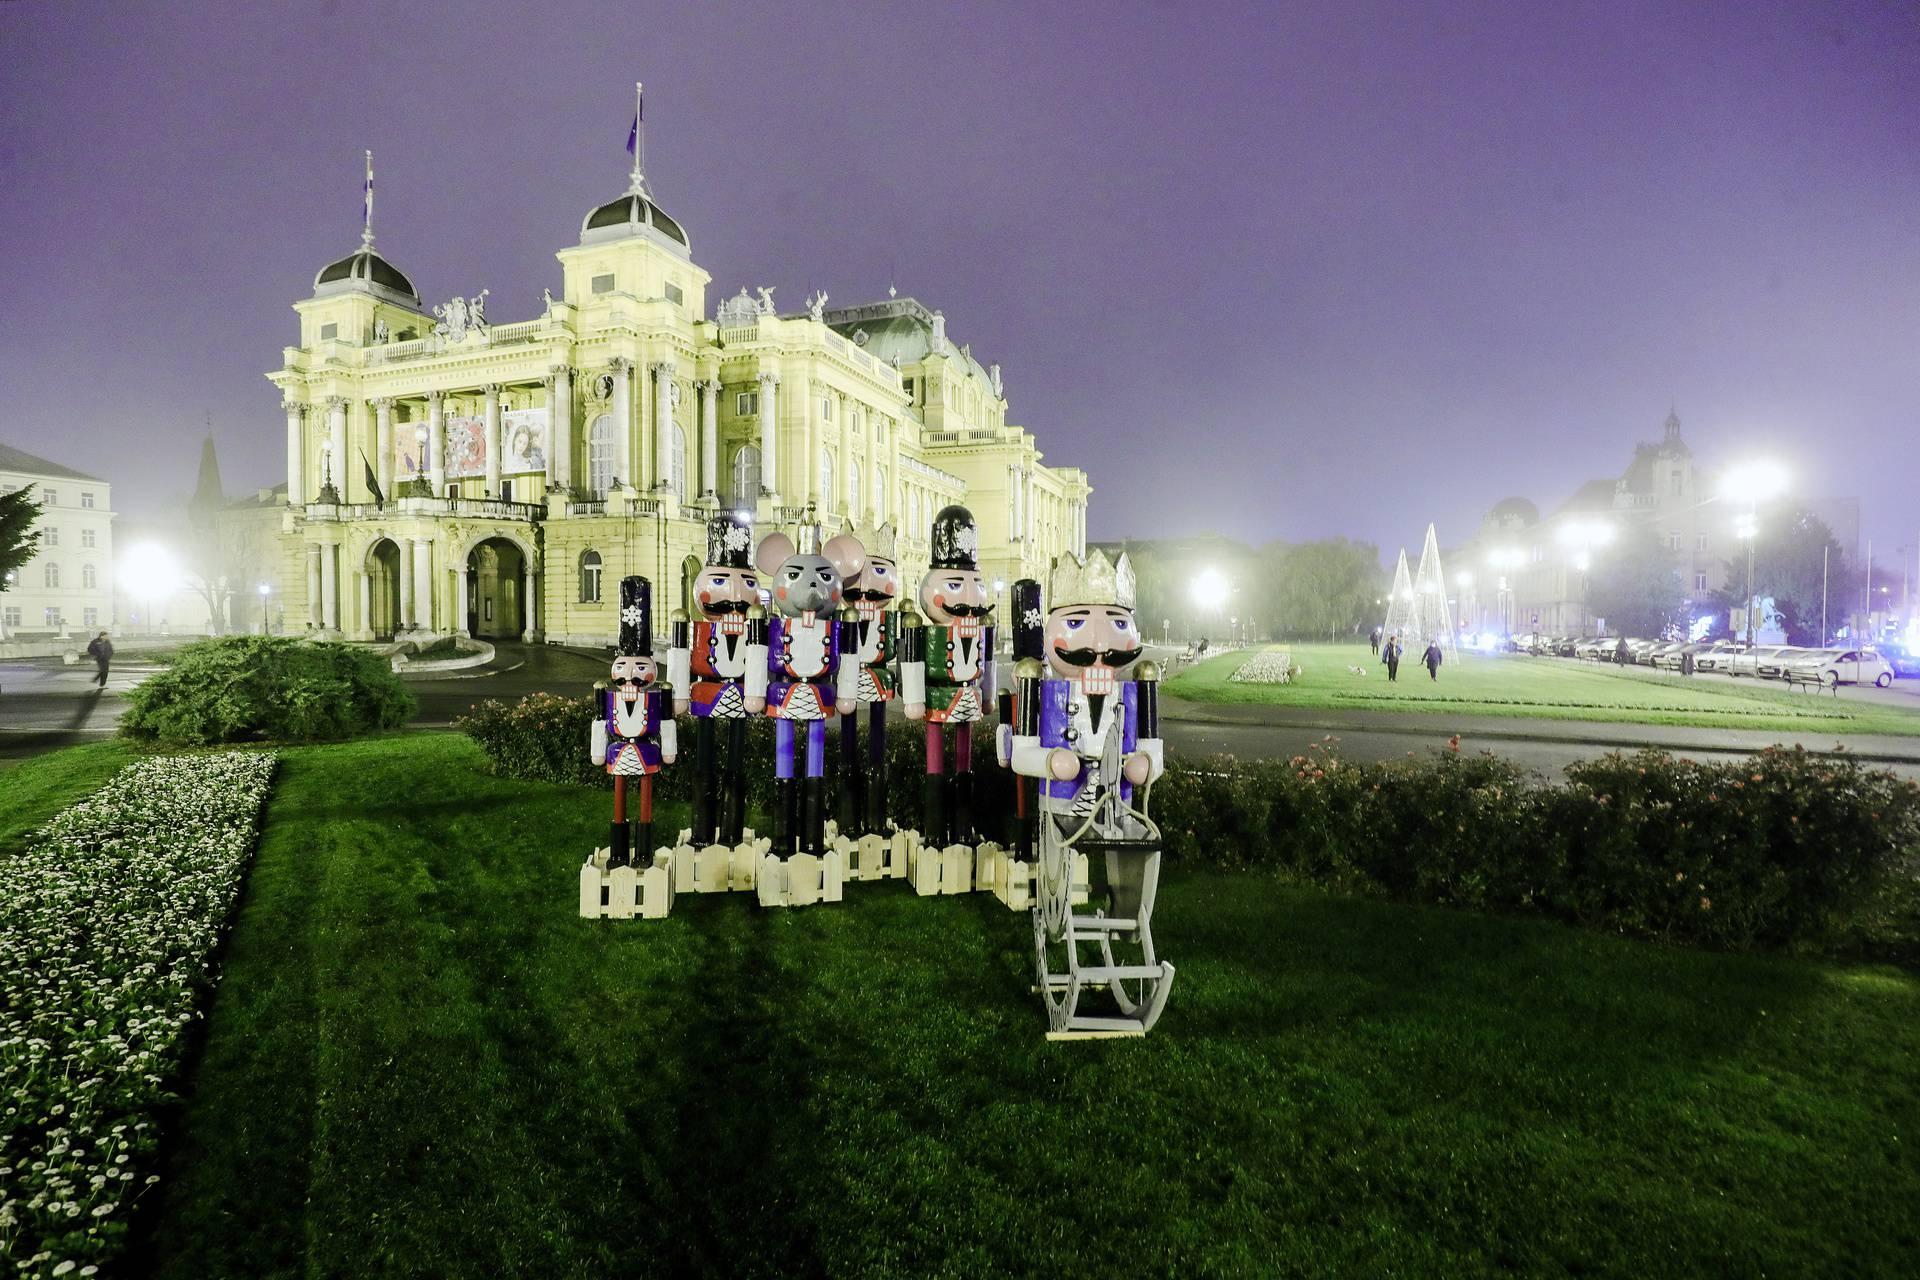 Ispred HNK u Zagrebu postavljene su figure Orašara